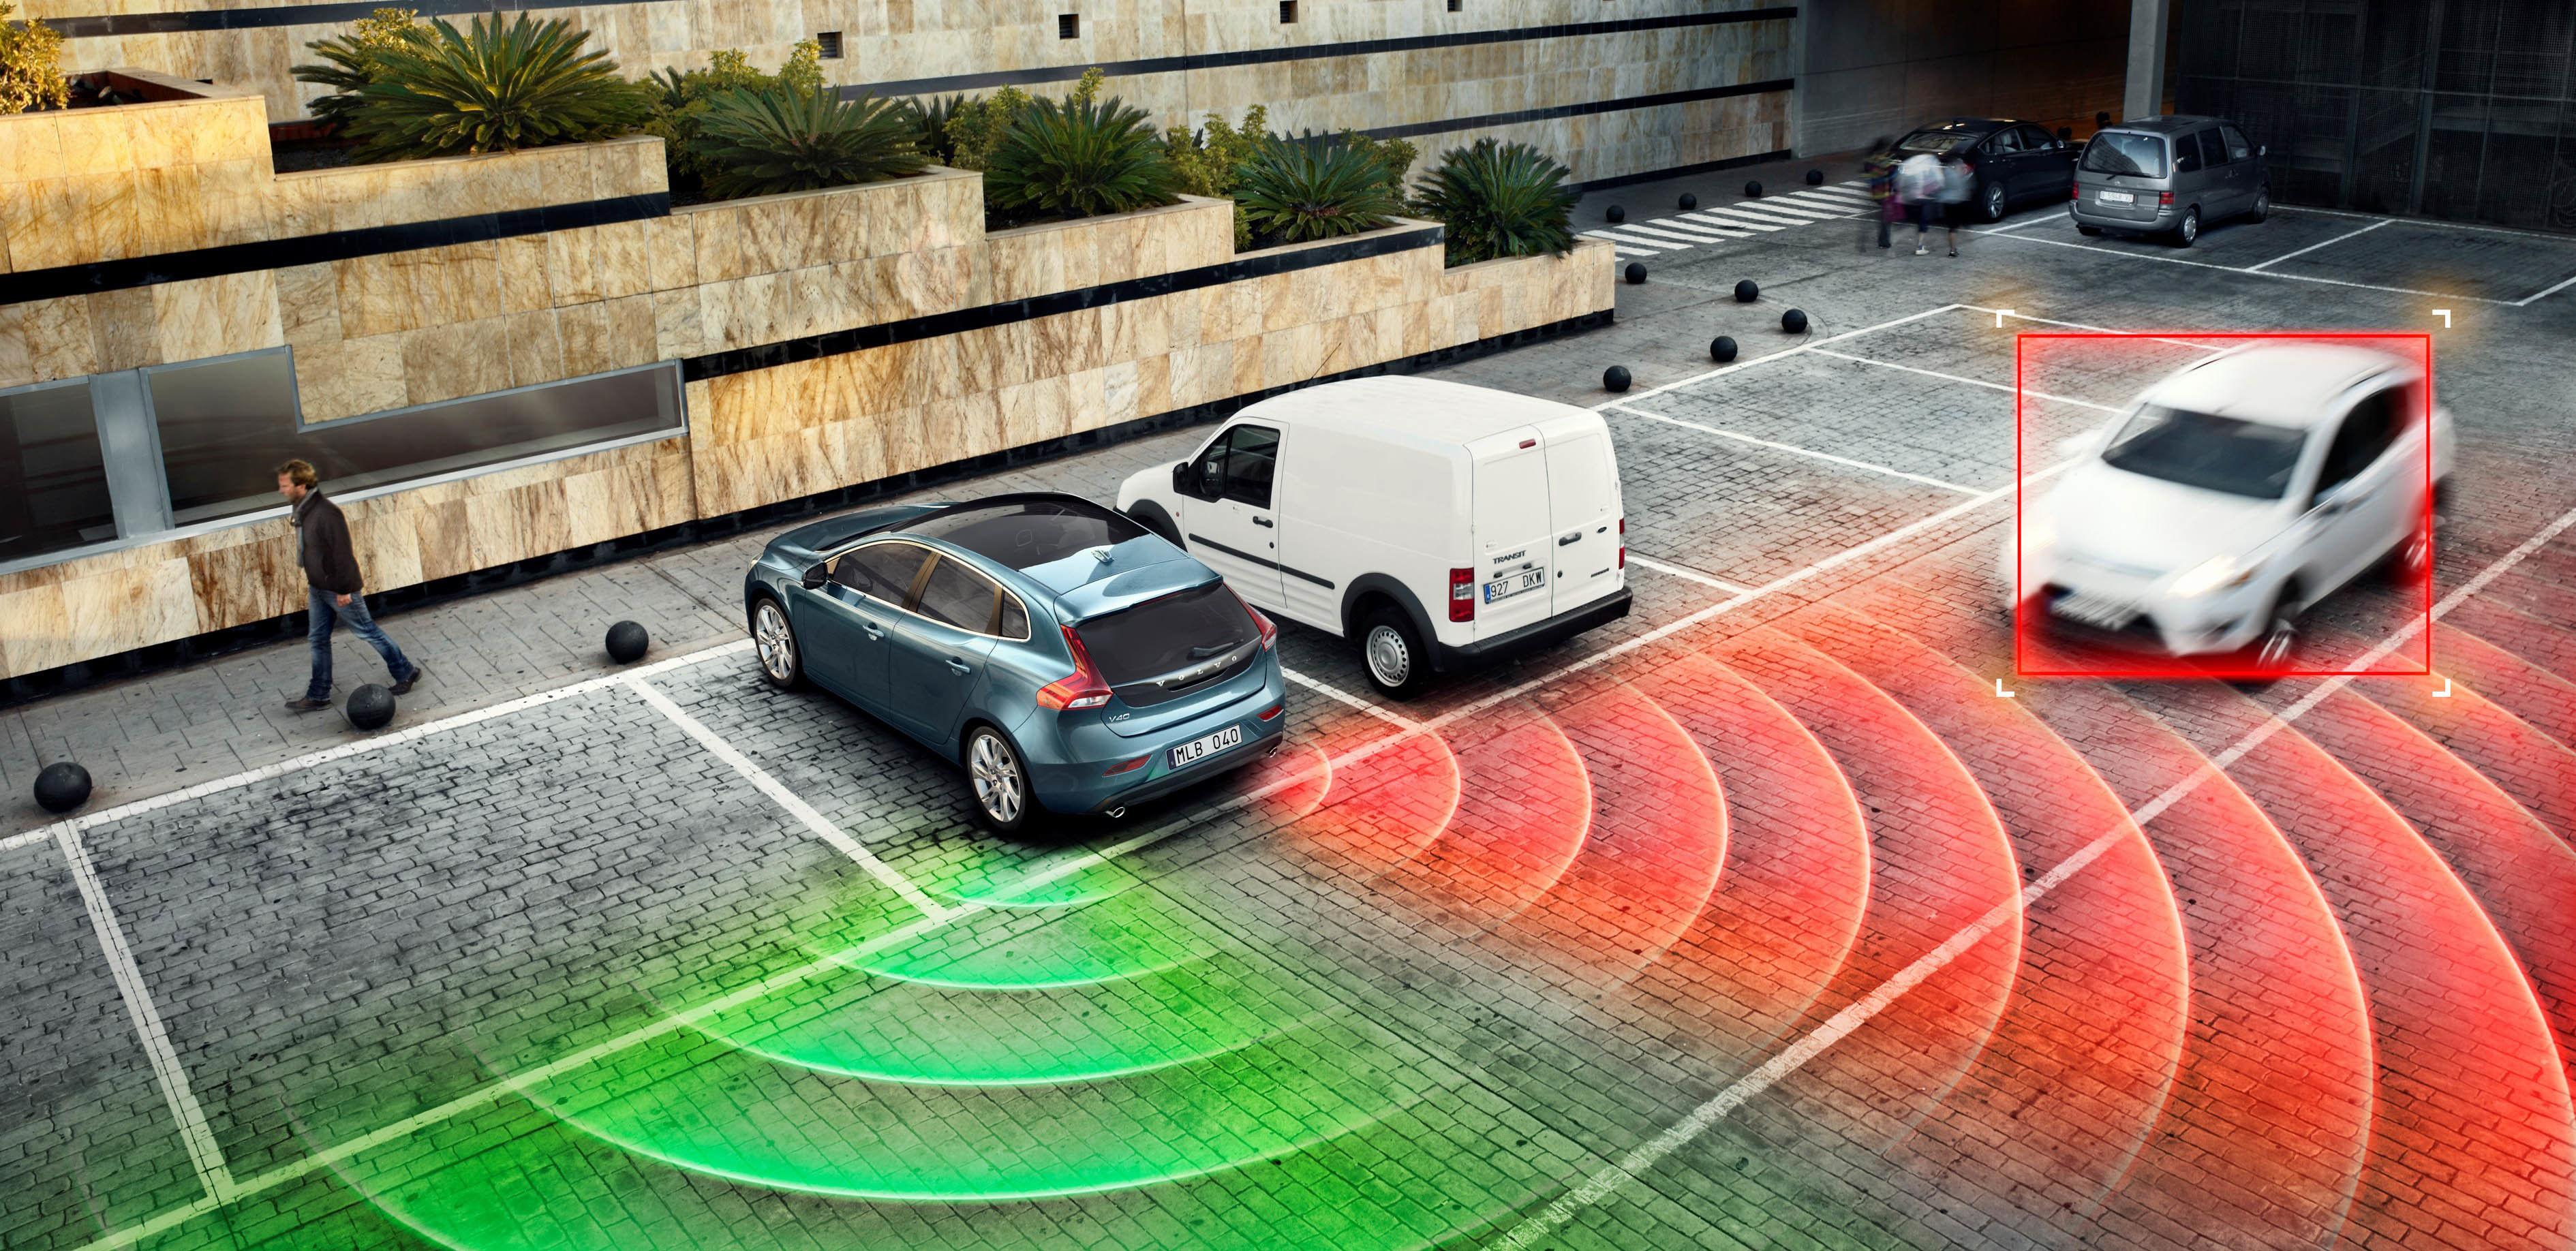 沃尔沃如何将自动驾驶能力运用到安全上?